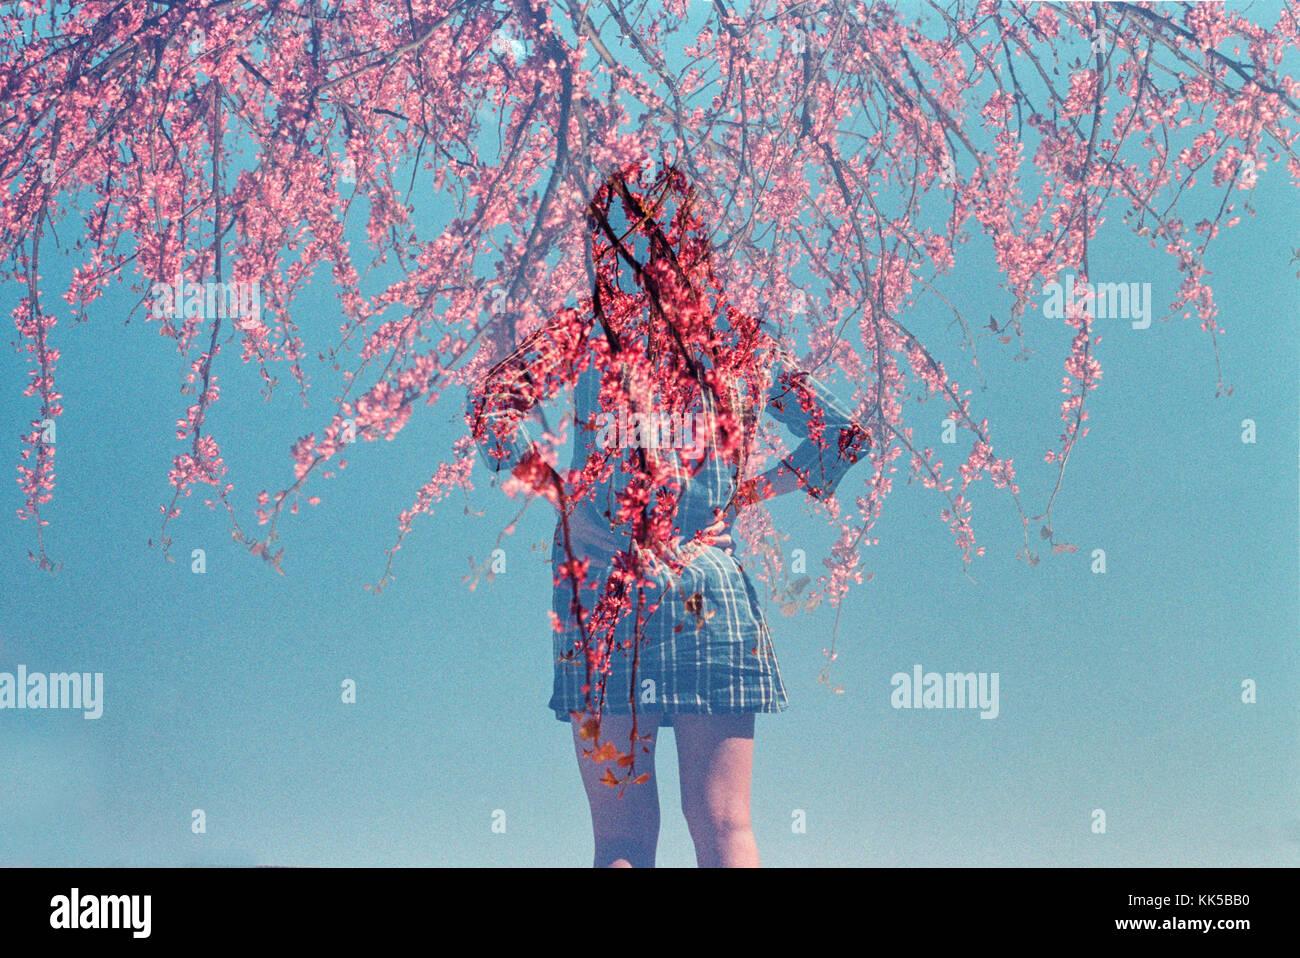 Doble exposición de mujer mirando en la distancia y rosa con árboles en flor Imagen De Stock